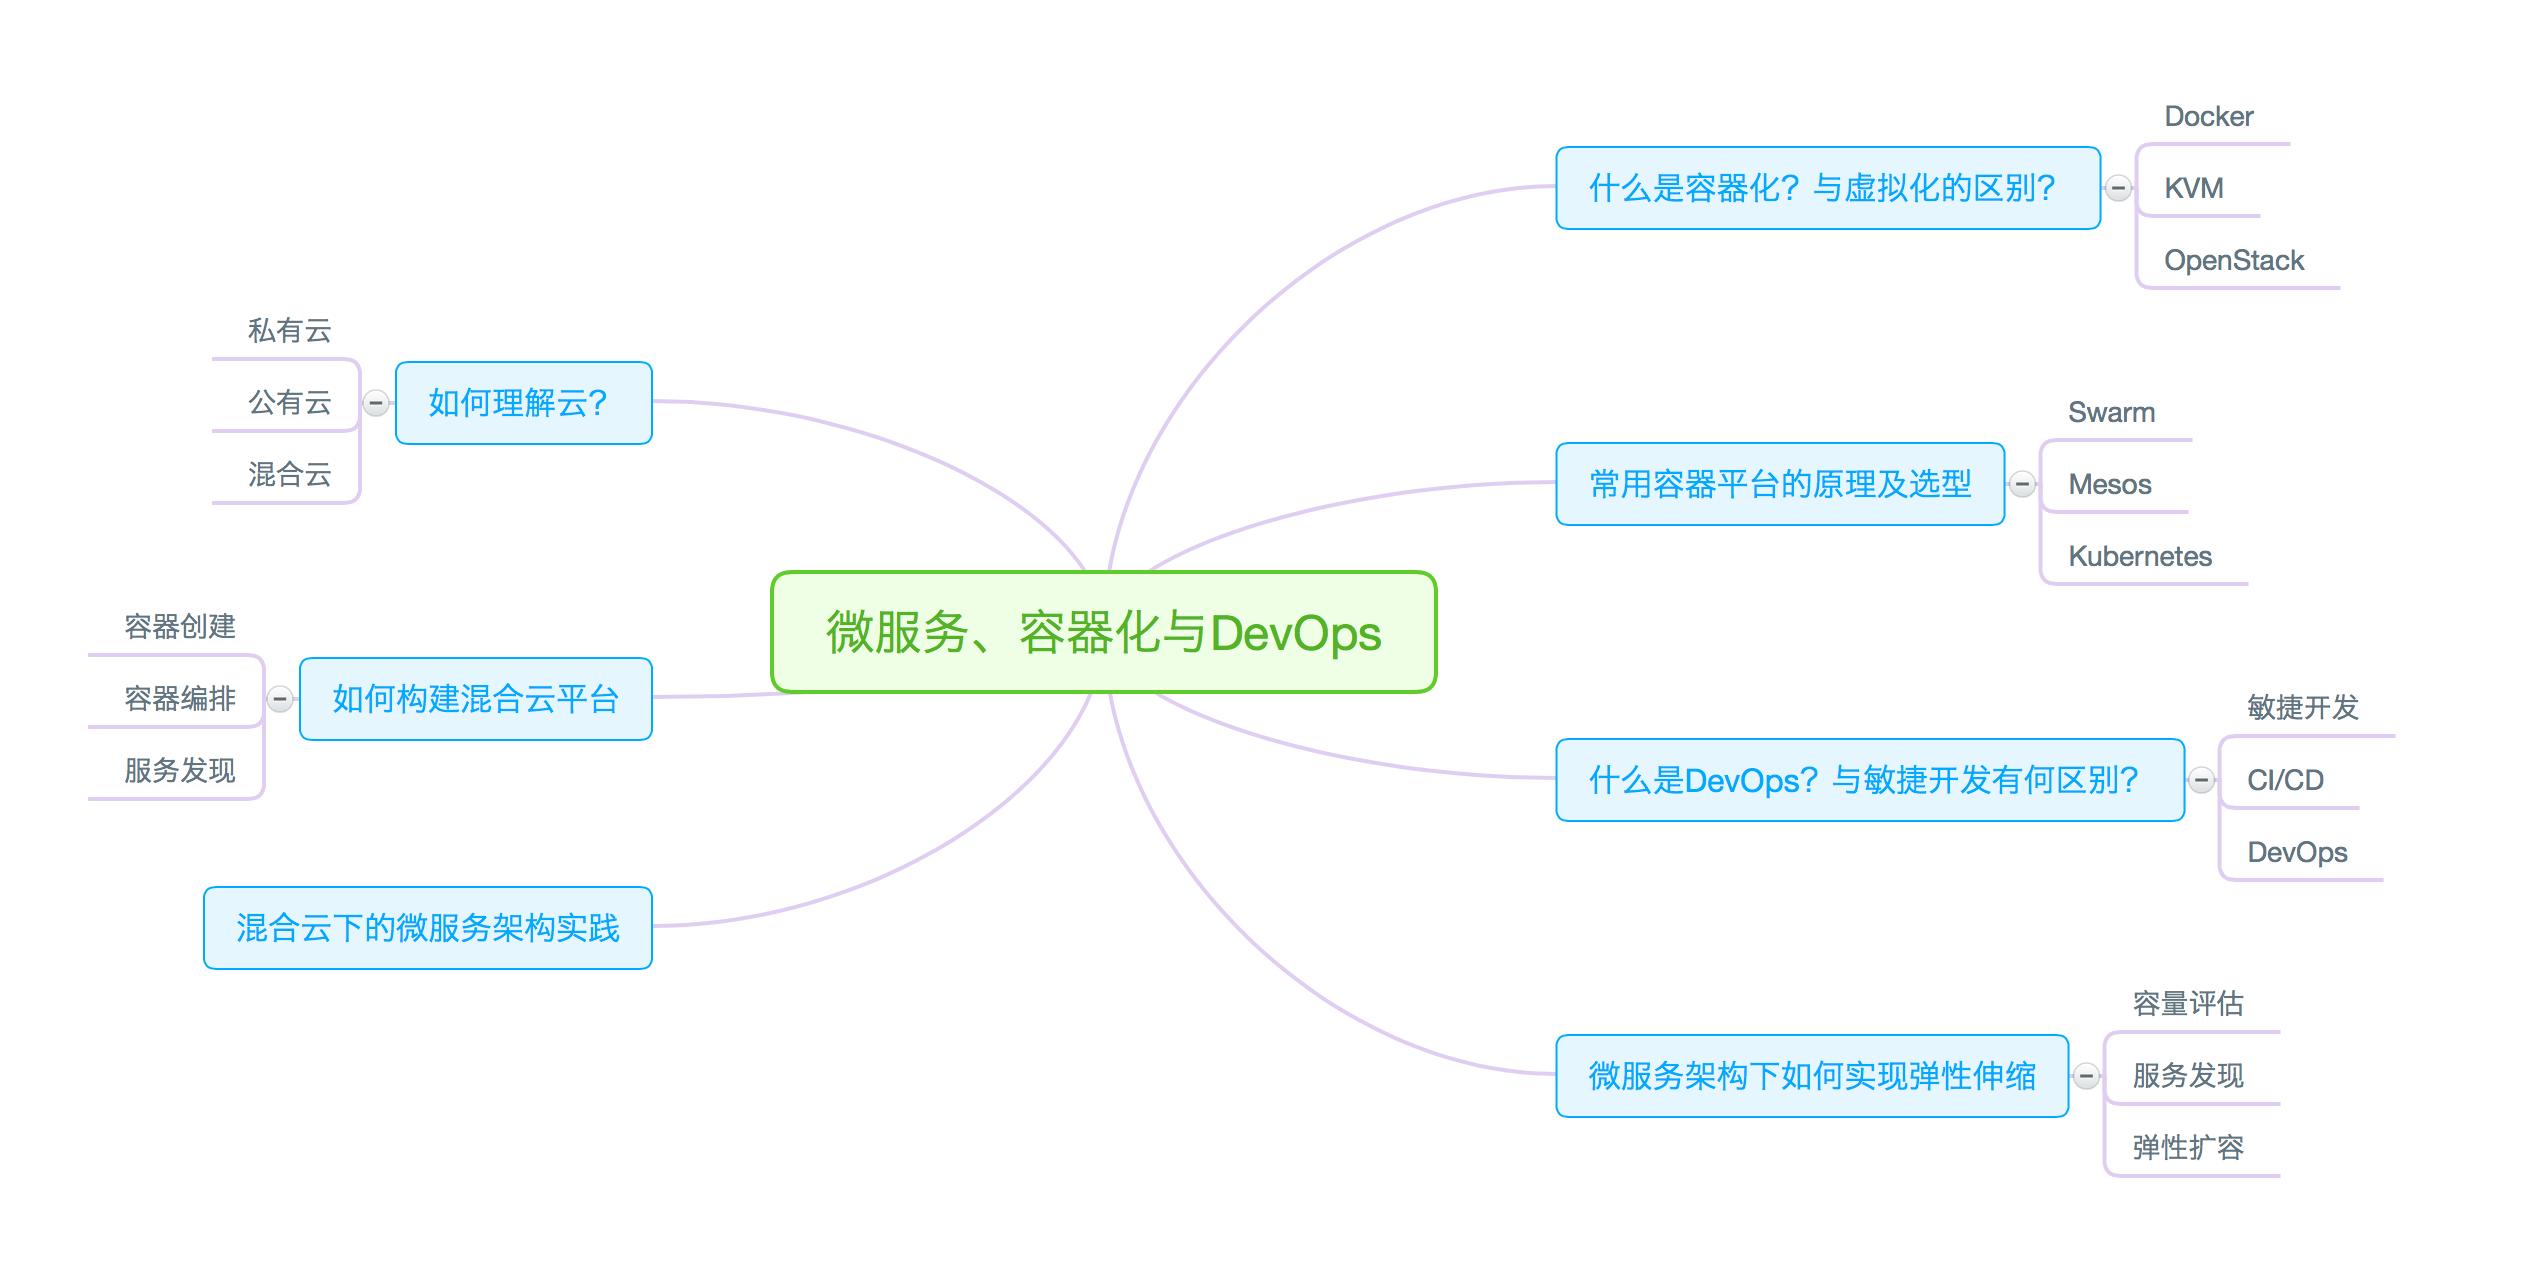 微服务、容器化与 DevOps